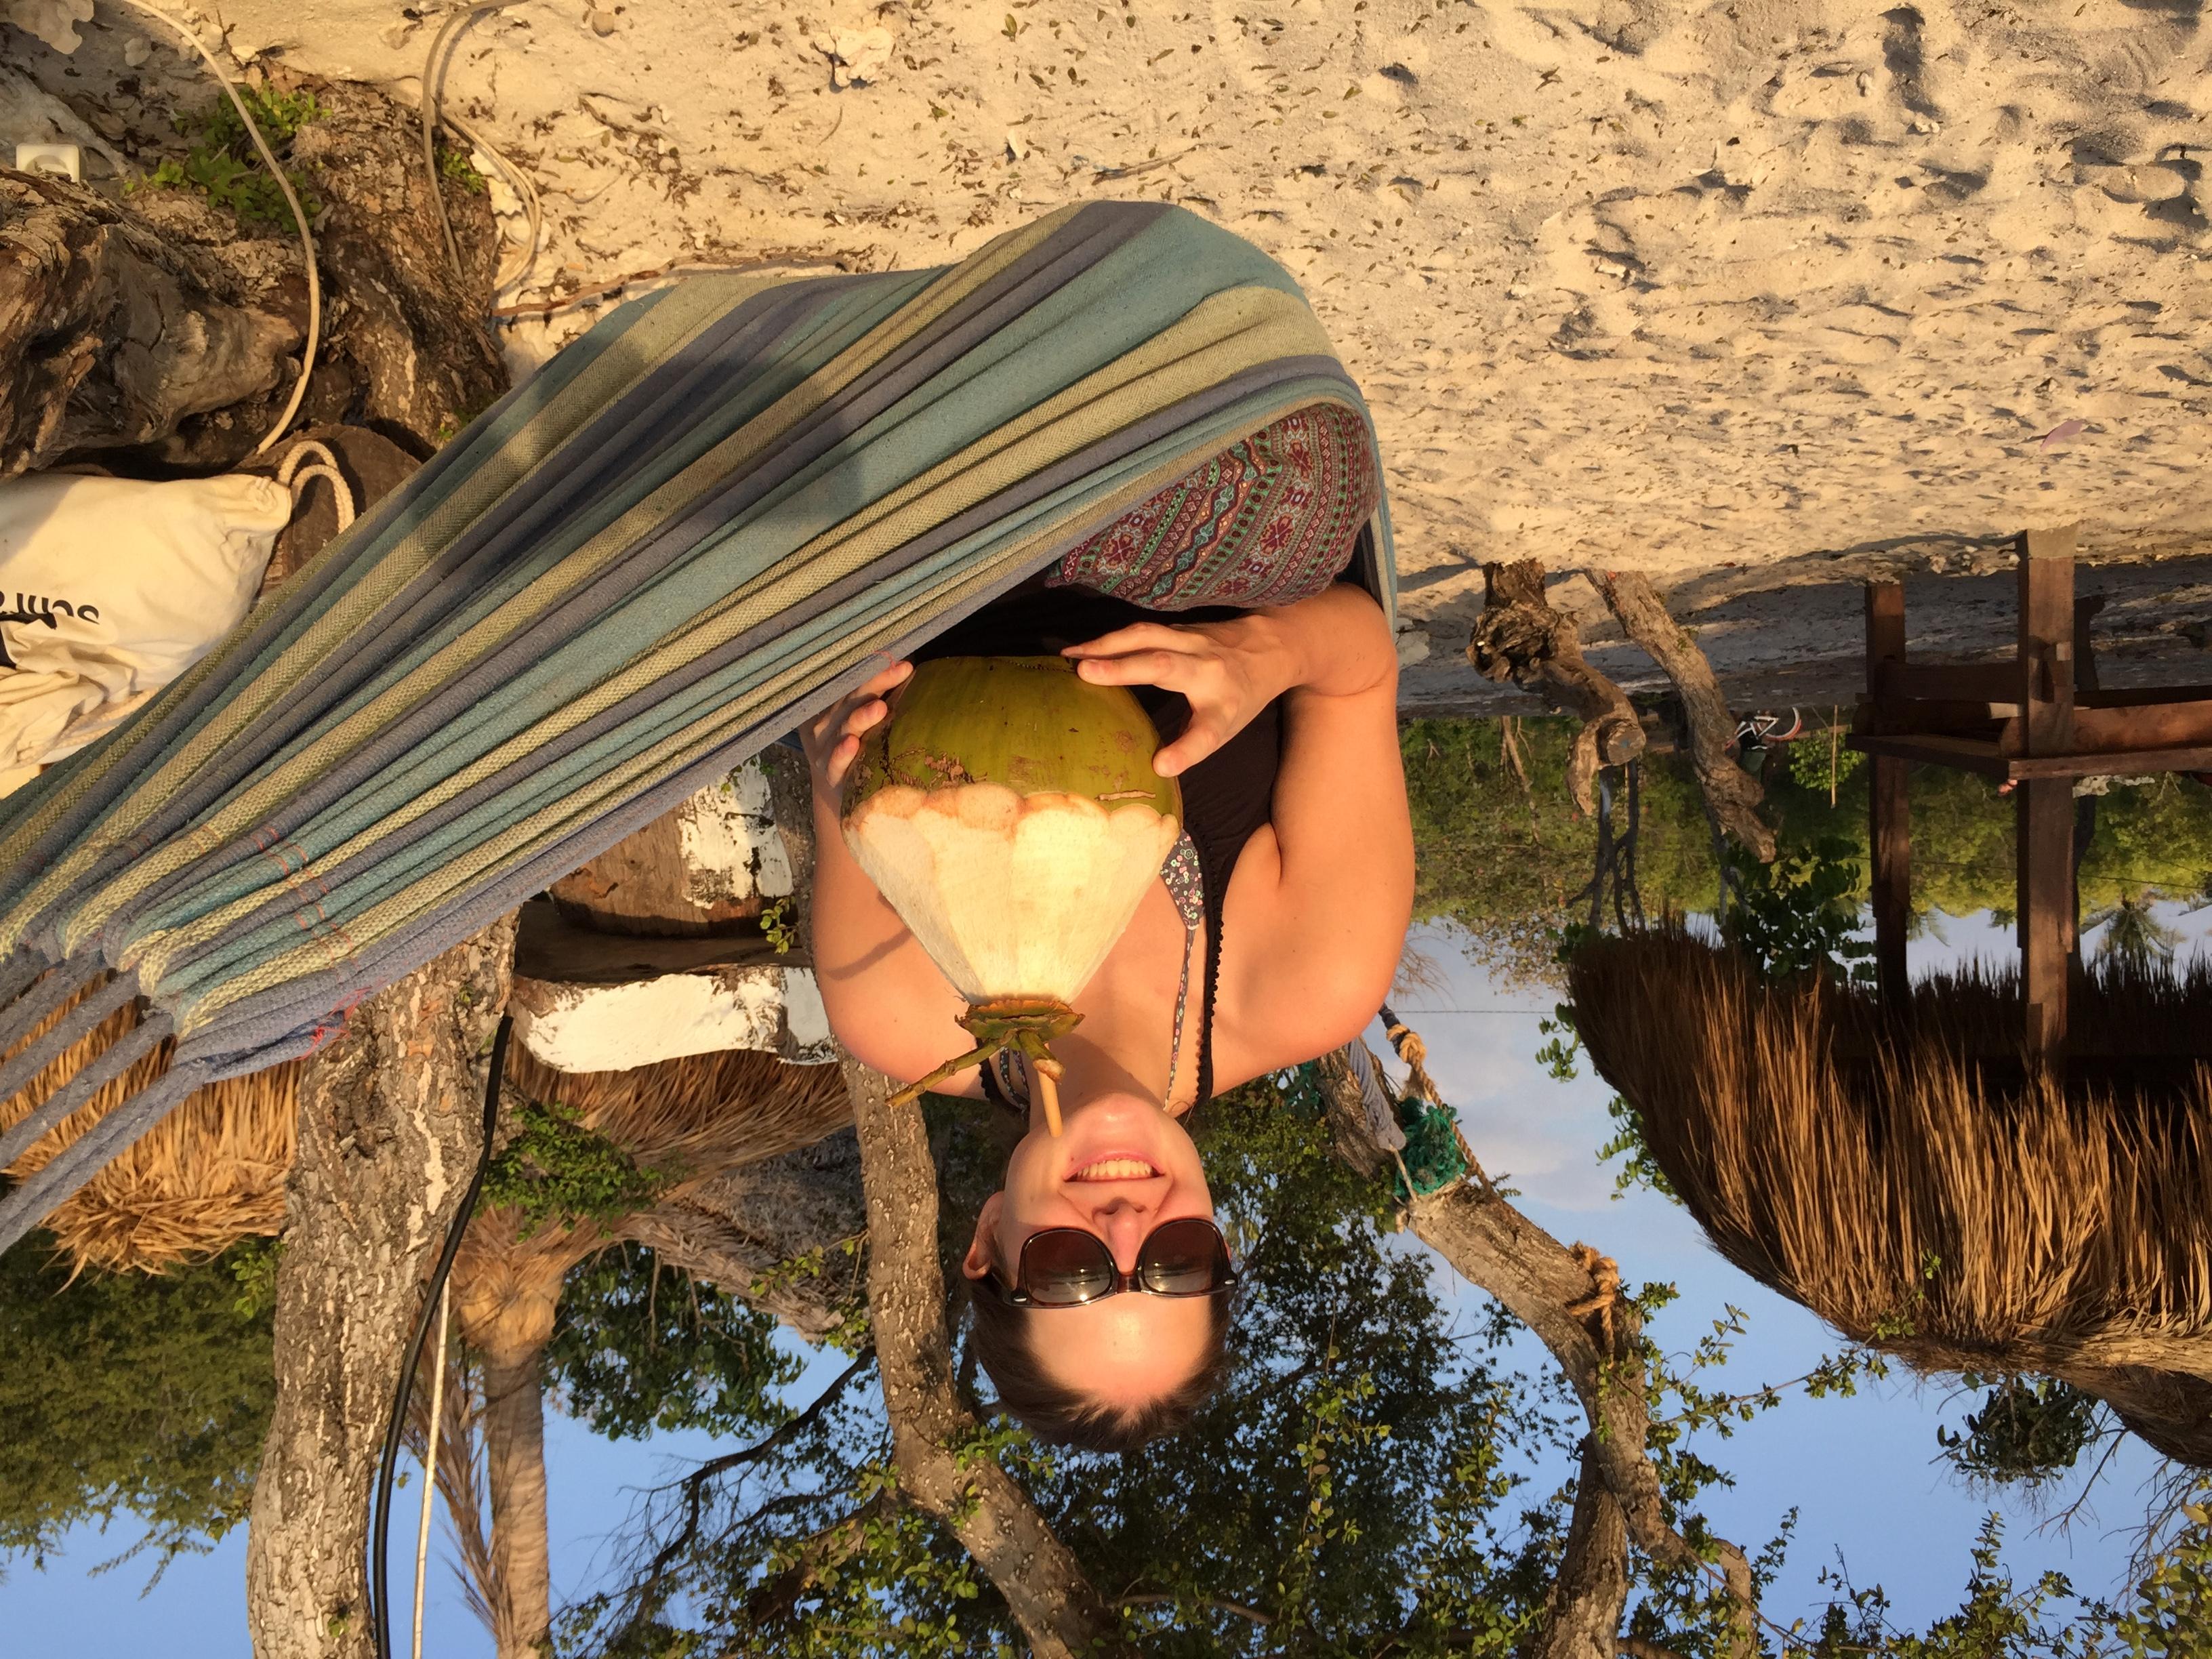 Wenn eine Kokosnuss vom Baum fällt, ist Angelique sofort da und trinkt sie aus.